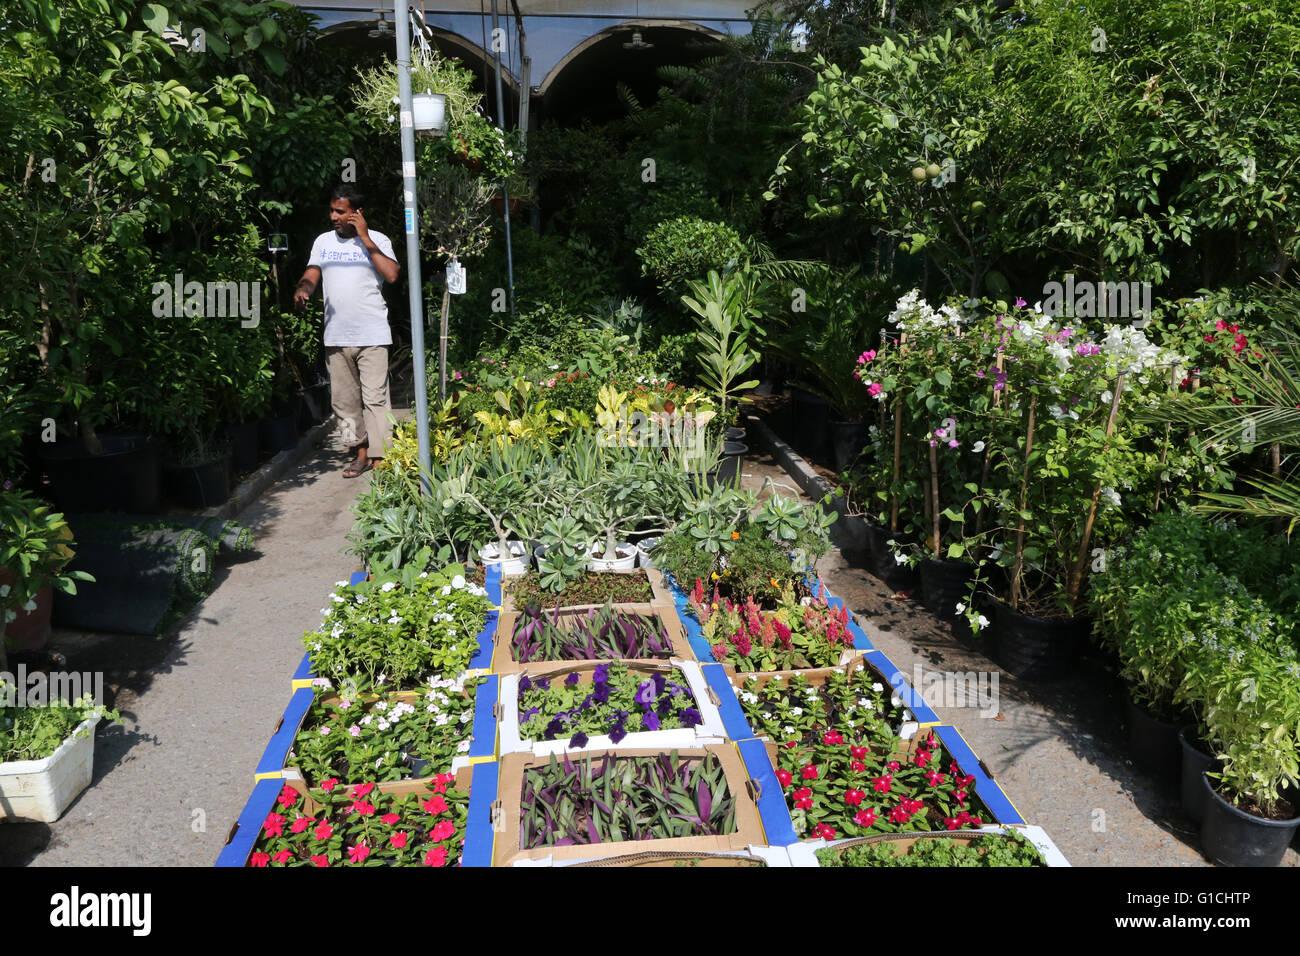 The Plant Souq At Mina Zayed Abu Dhabi United Arab Emirates Stock Photo Alamy